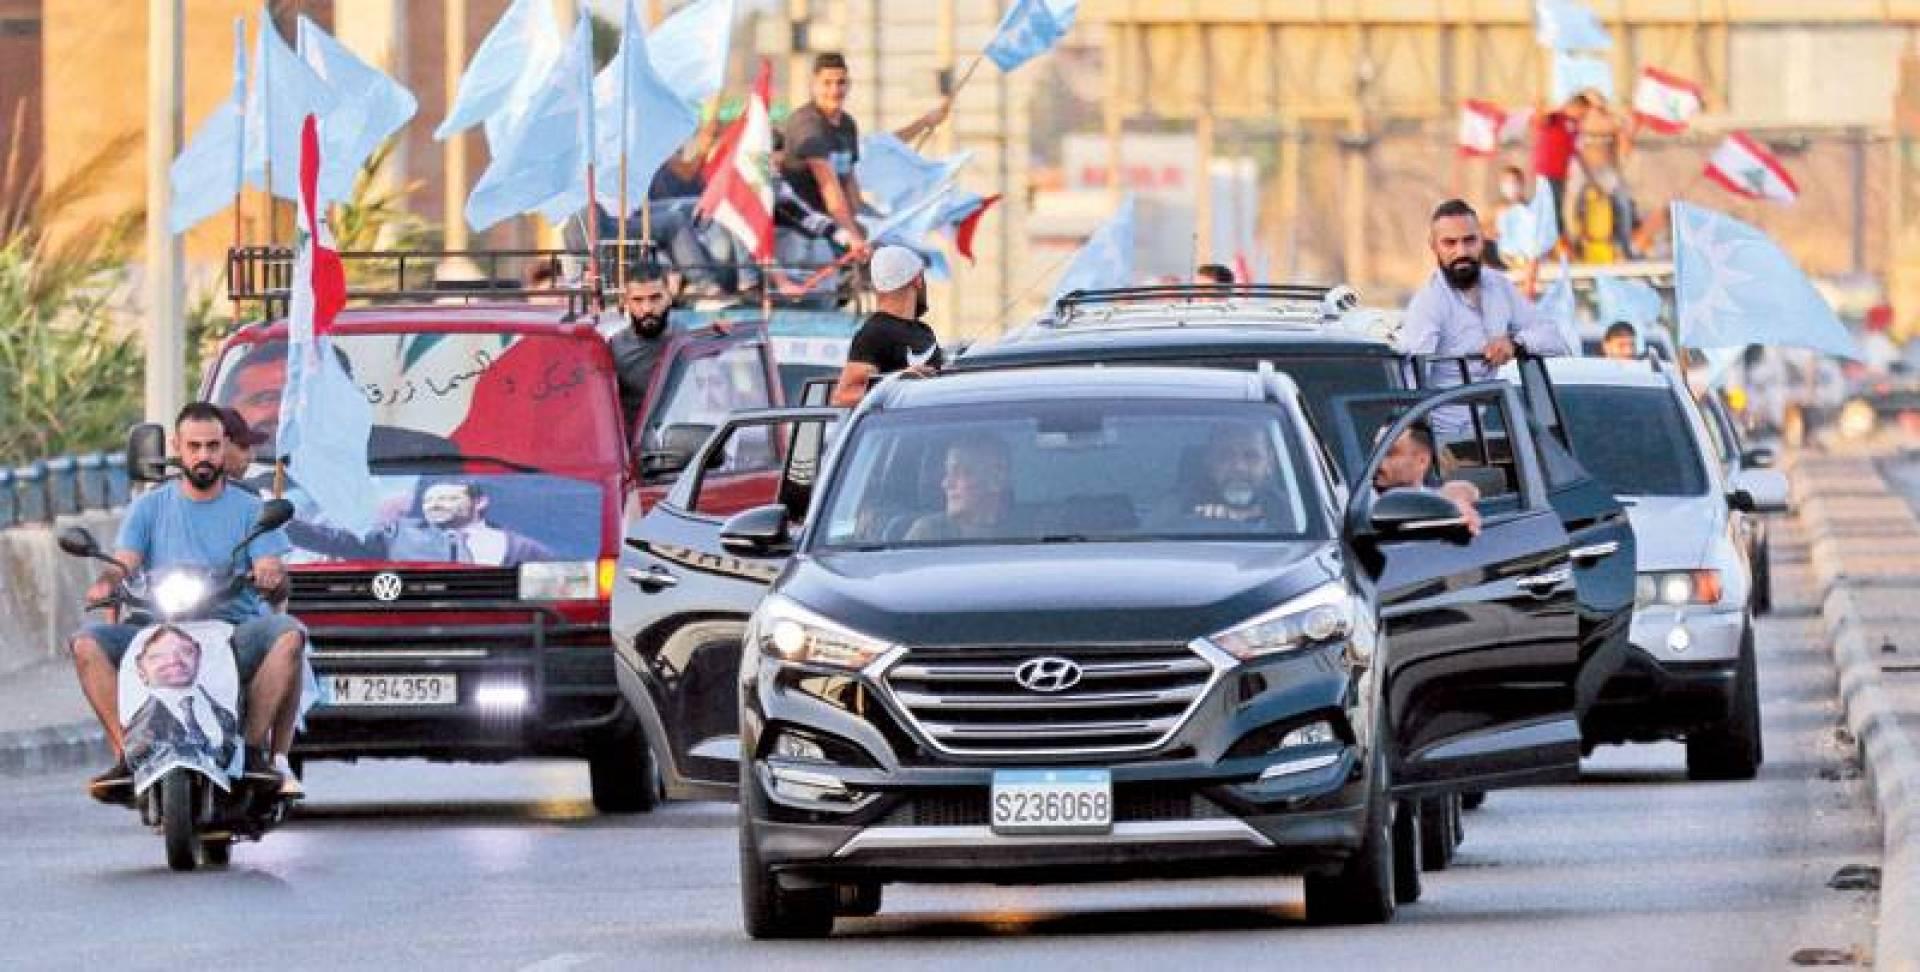 موكب سيارات لأنصار تيار المستقبل في صيدا احتفالاً بتكليف الحريري  تشكيل حكومة جديدة (أ ف ب)